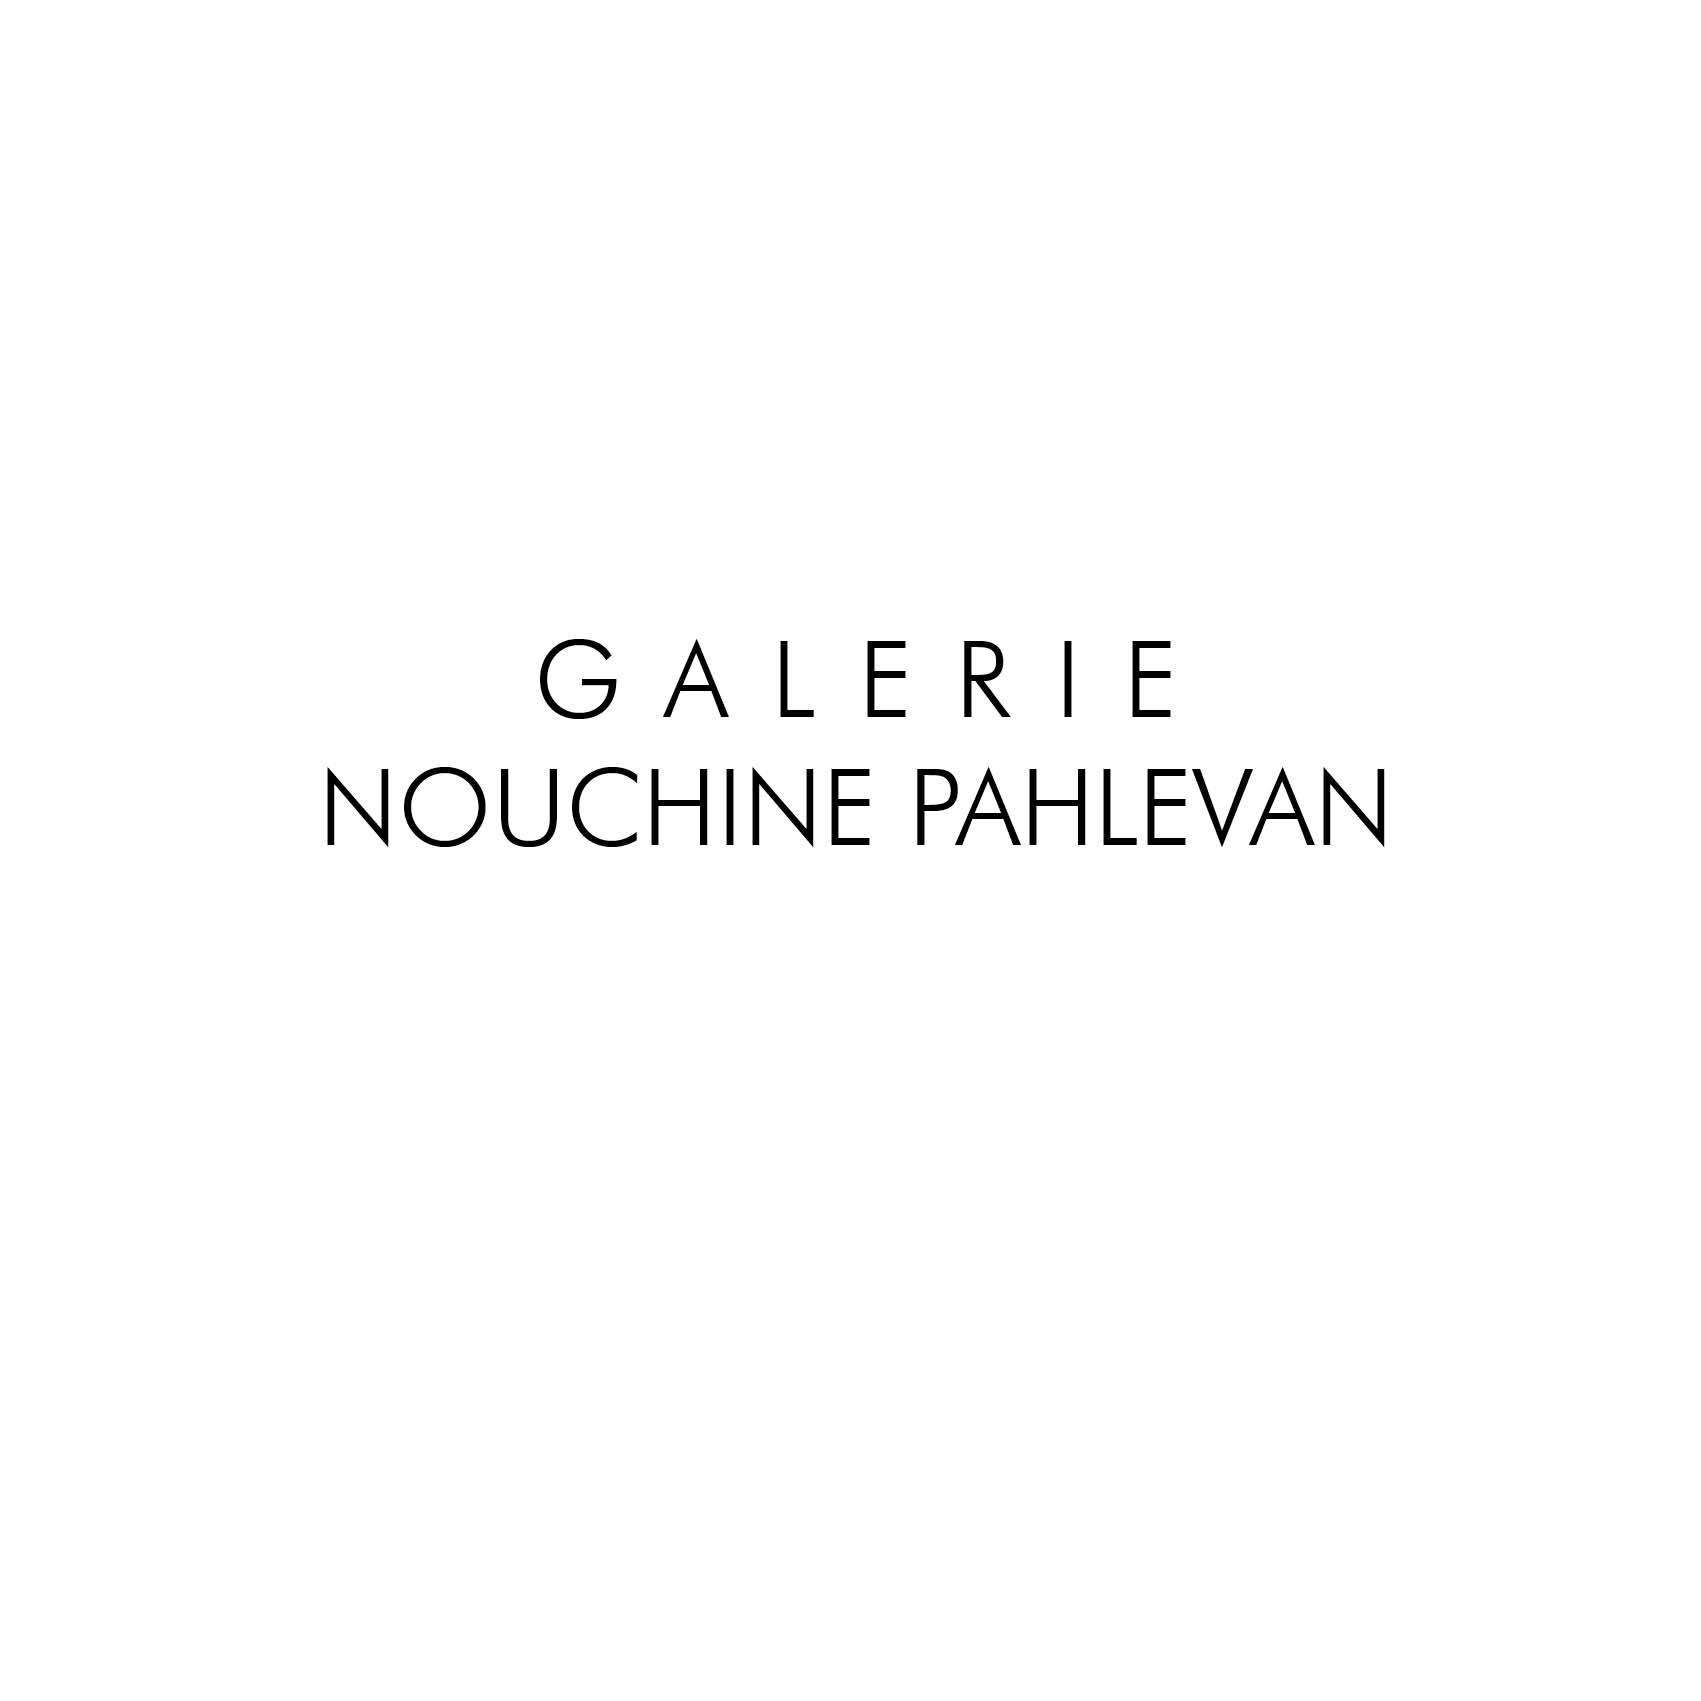 Galerie Nouchine Pahlevan